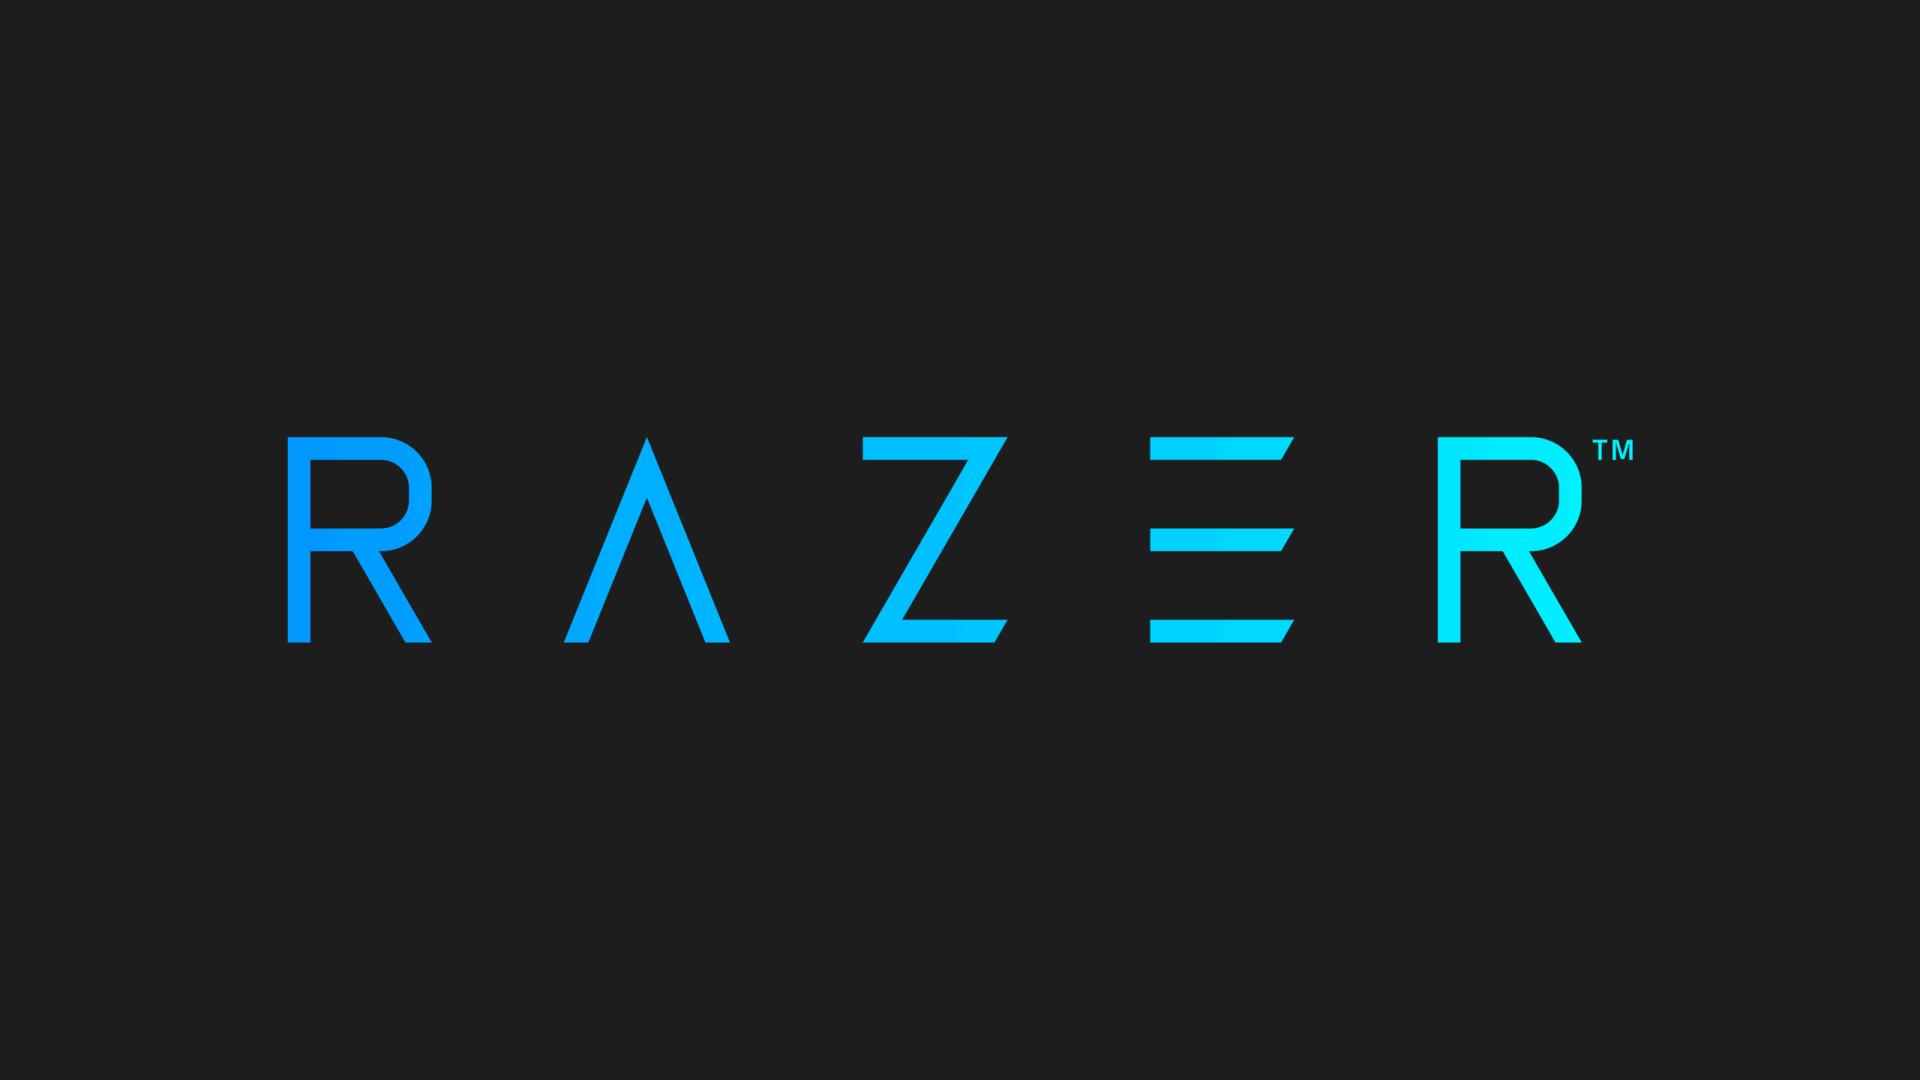 Razer Rgb V2 Video Wallpaper Engine By Mrrichardedits On